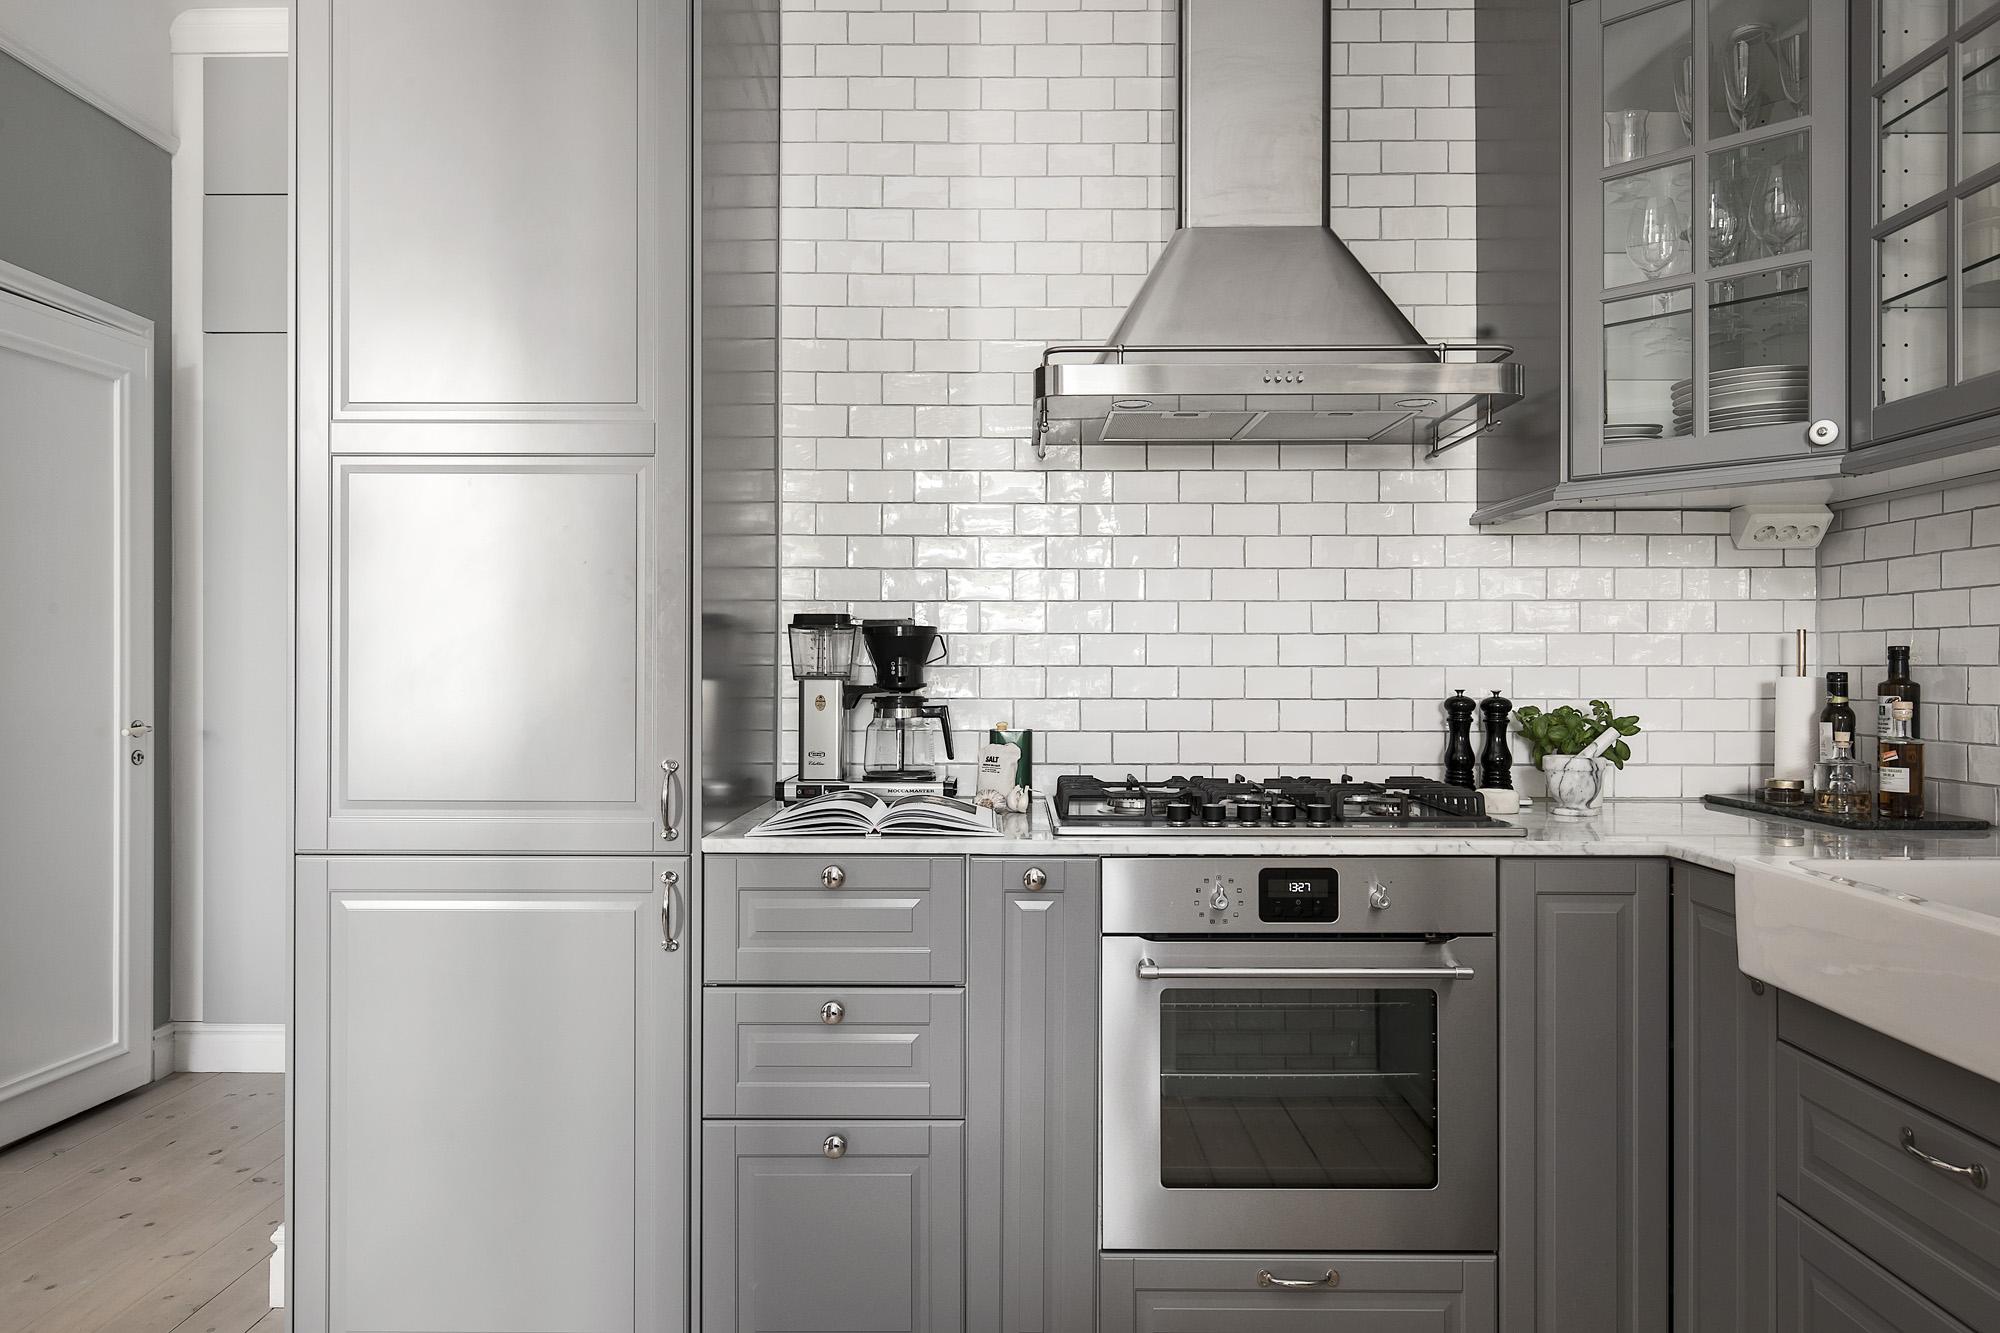 серая кухня плита вытяжка плитка кабанчик ретро шкаф